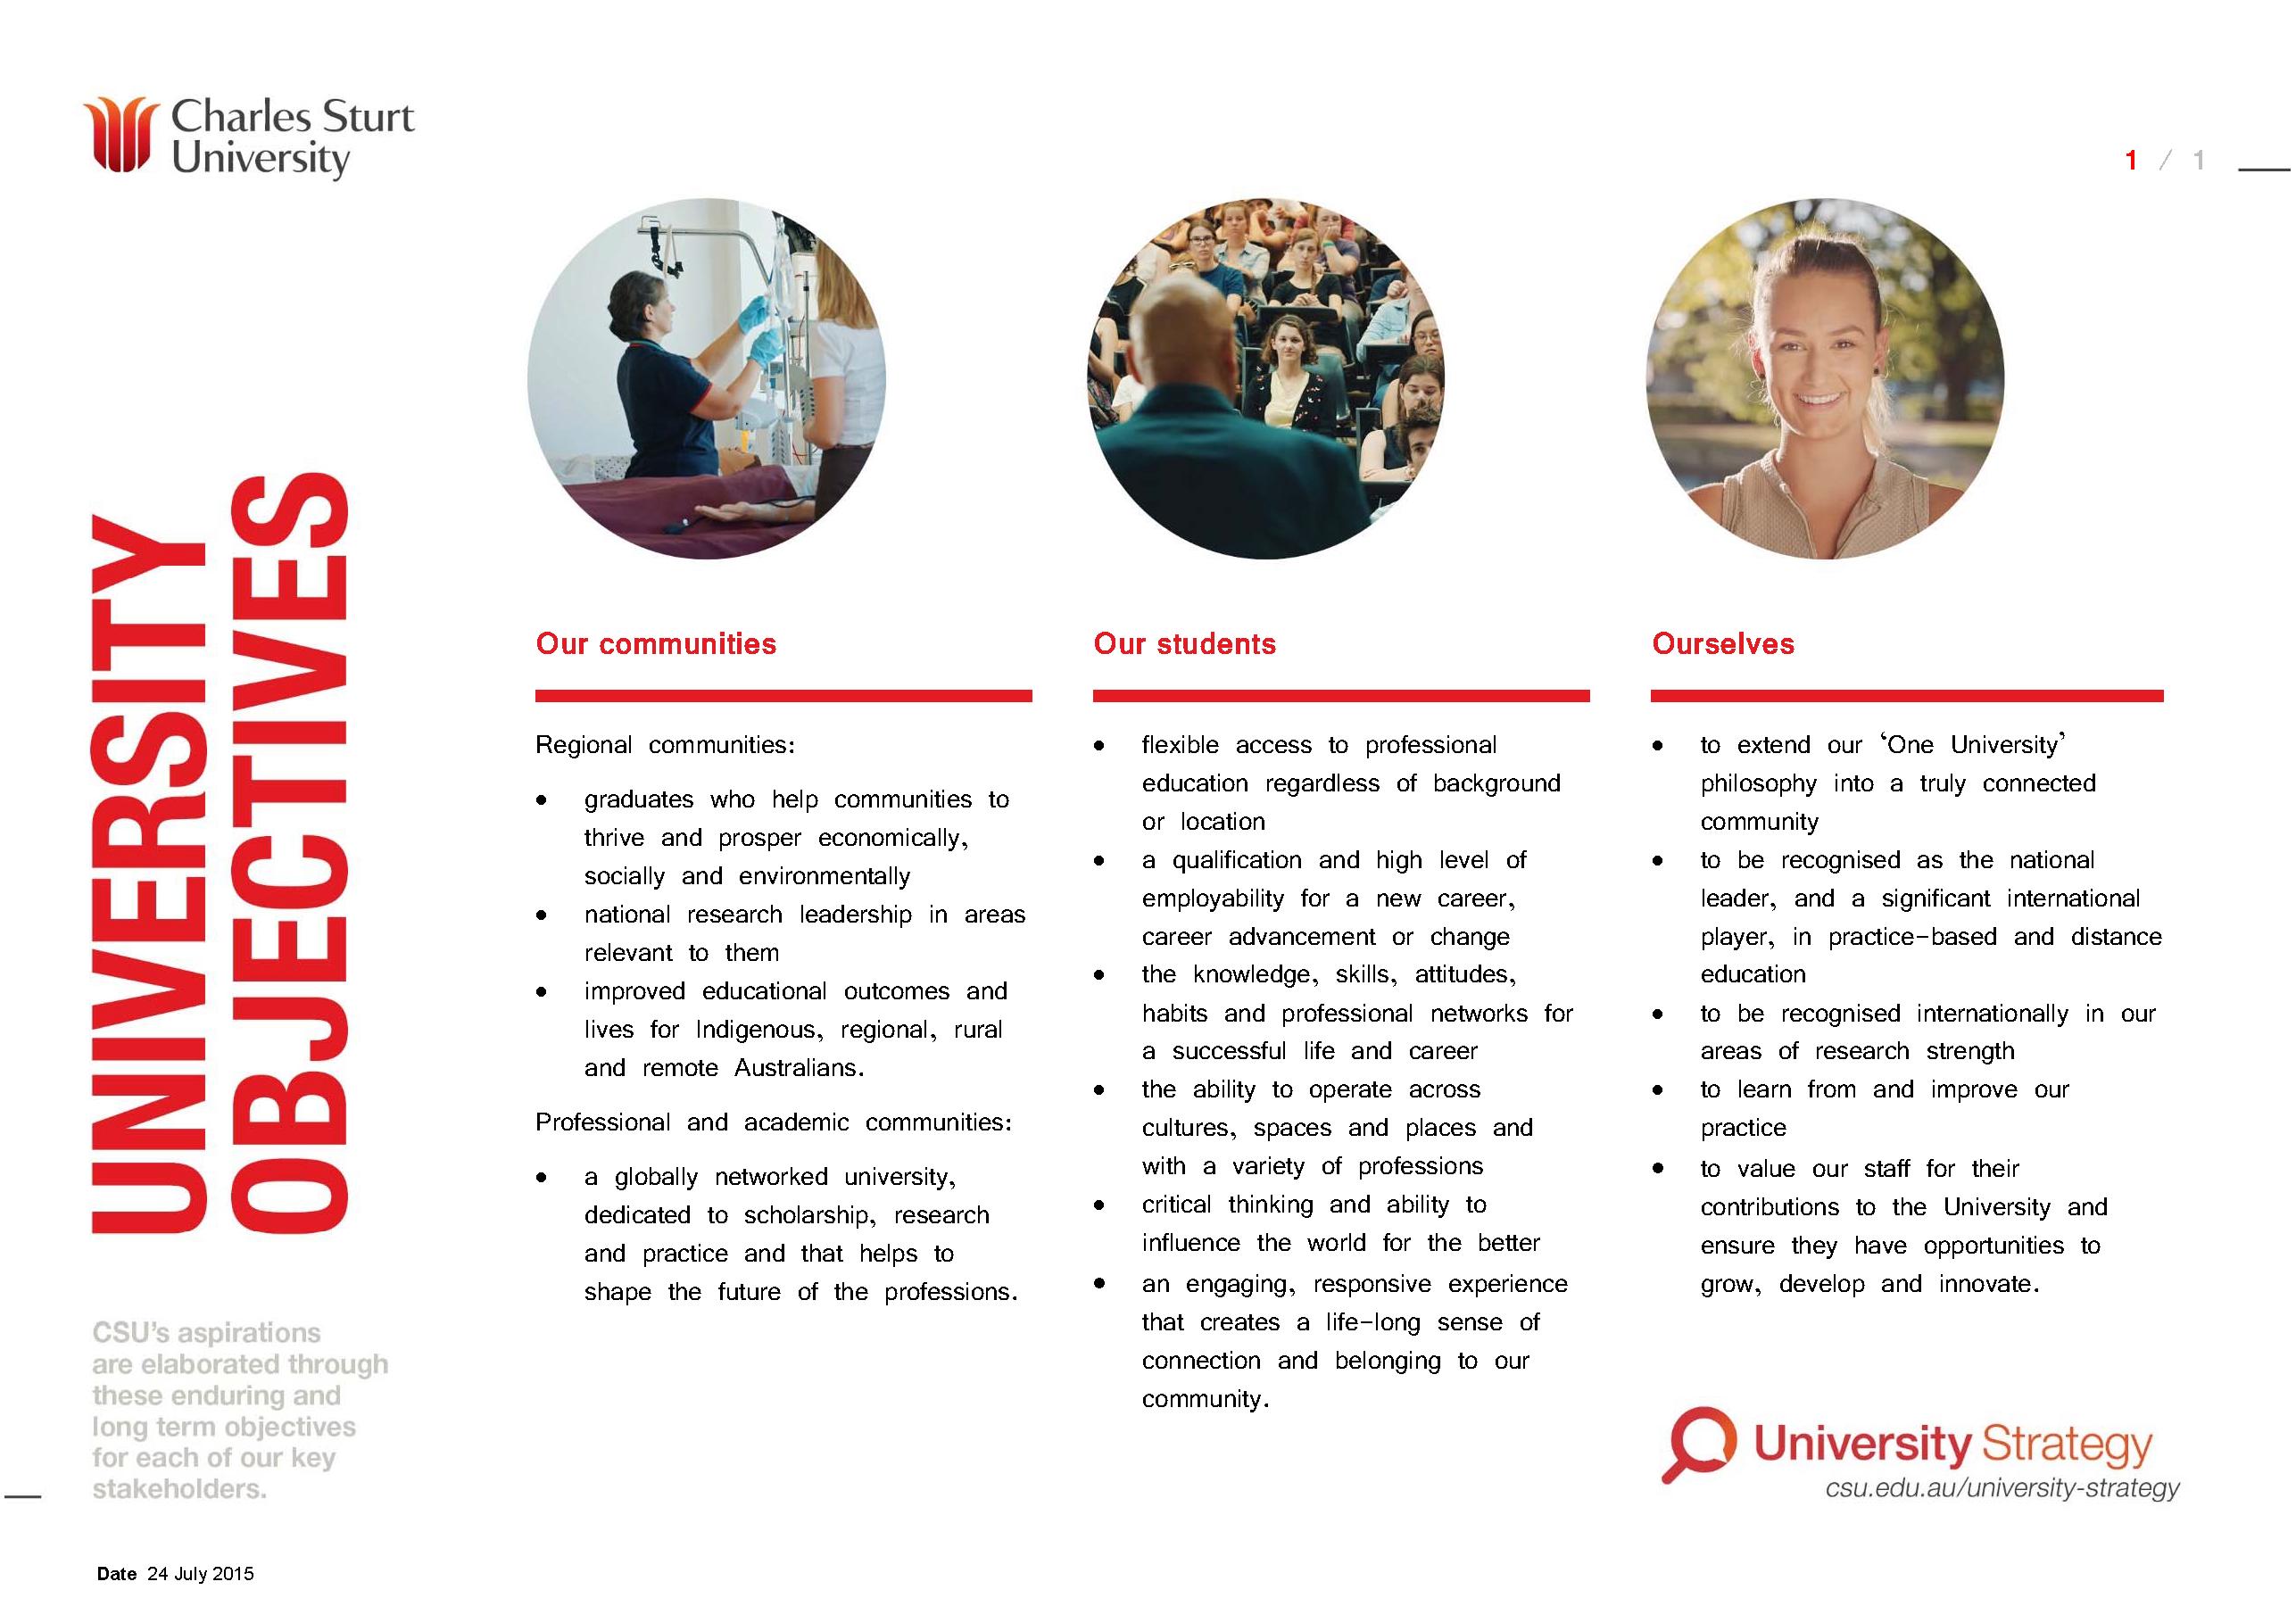 University Objectives